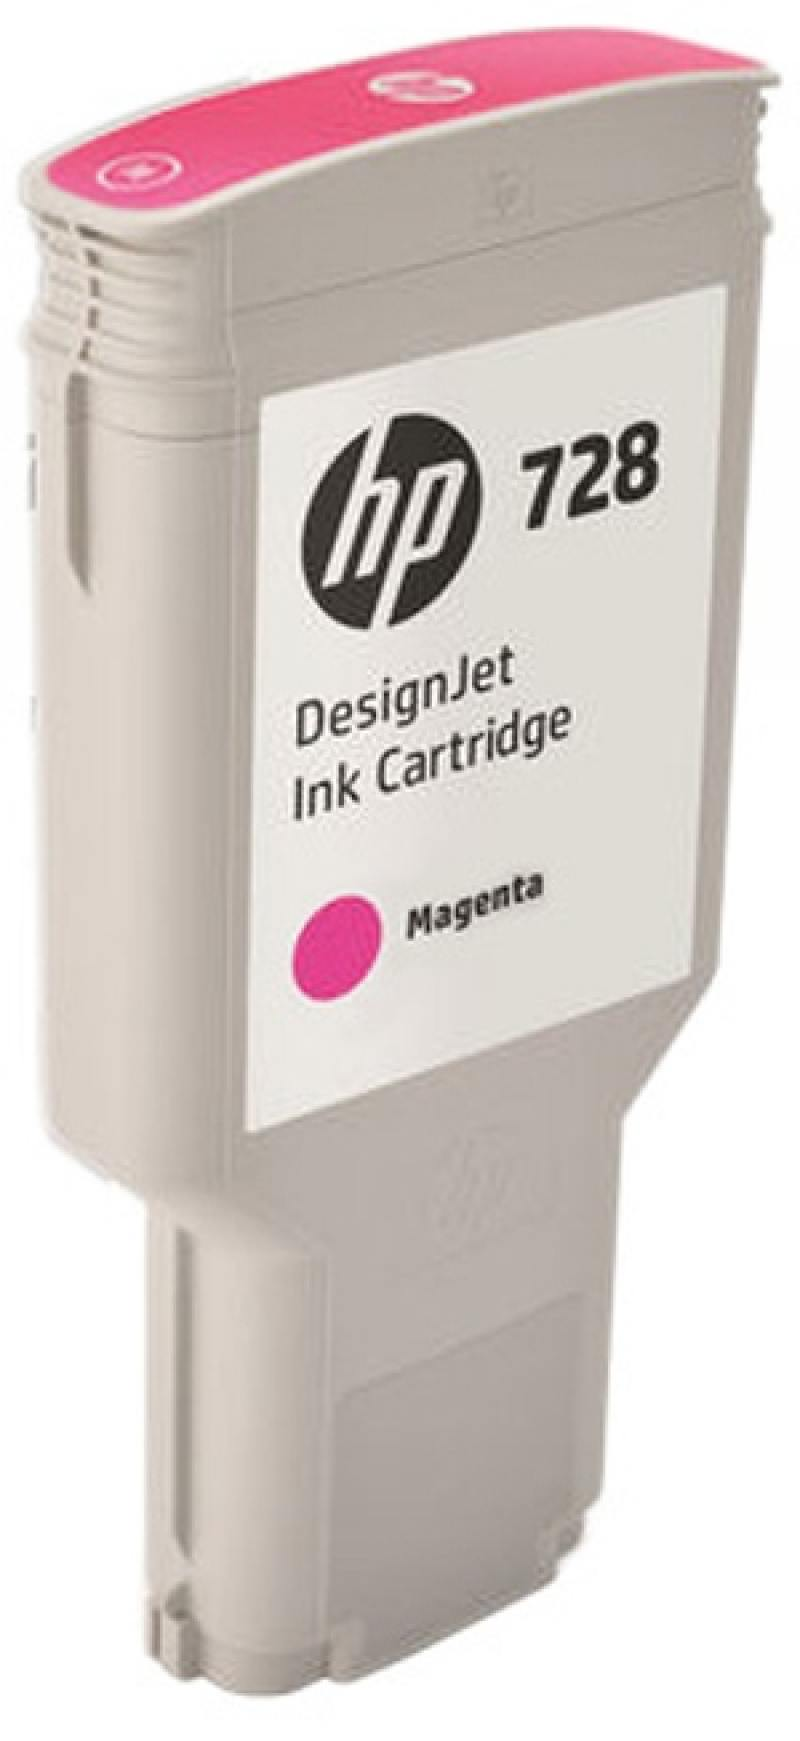 Картридж HP F9K16A (HP 728) для DesignJet T730, T830. Пурпурный. 300 мл. картридж hp 728 f9j61a yellow 40 мл